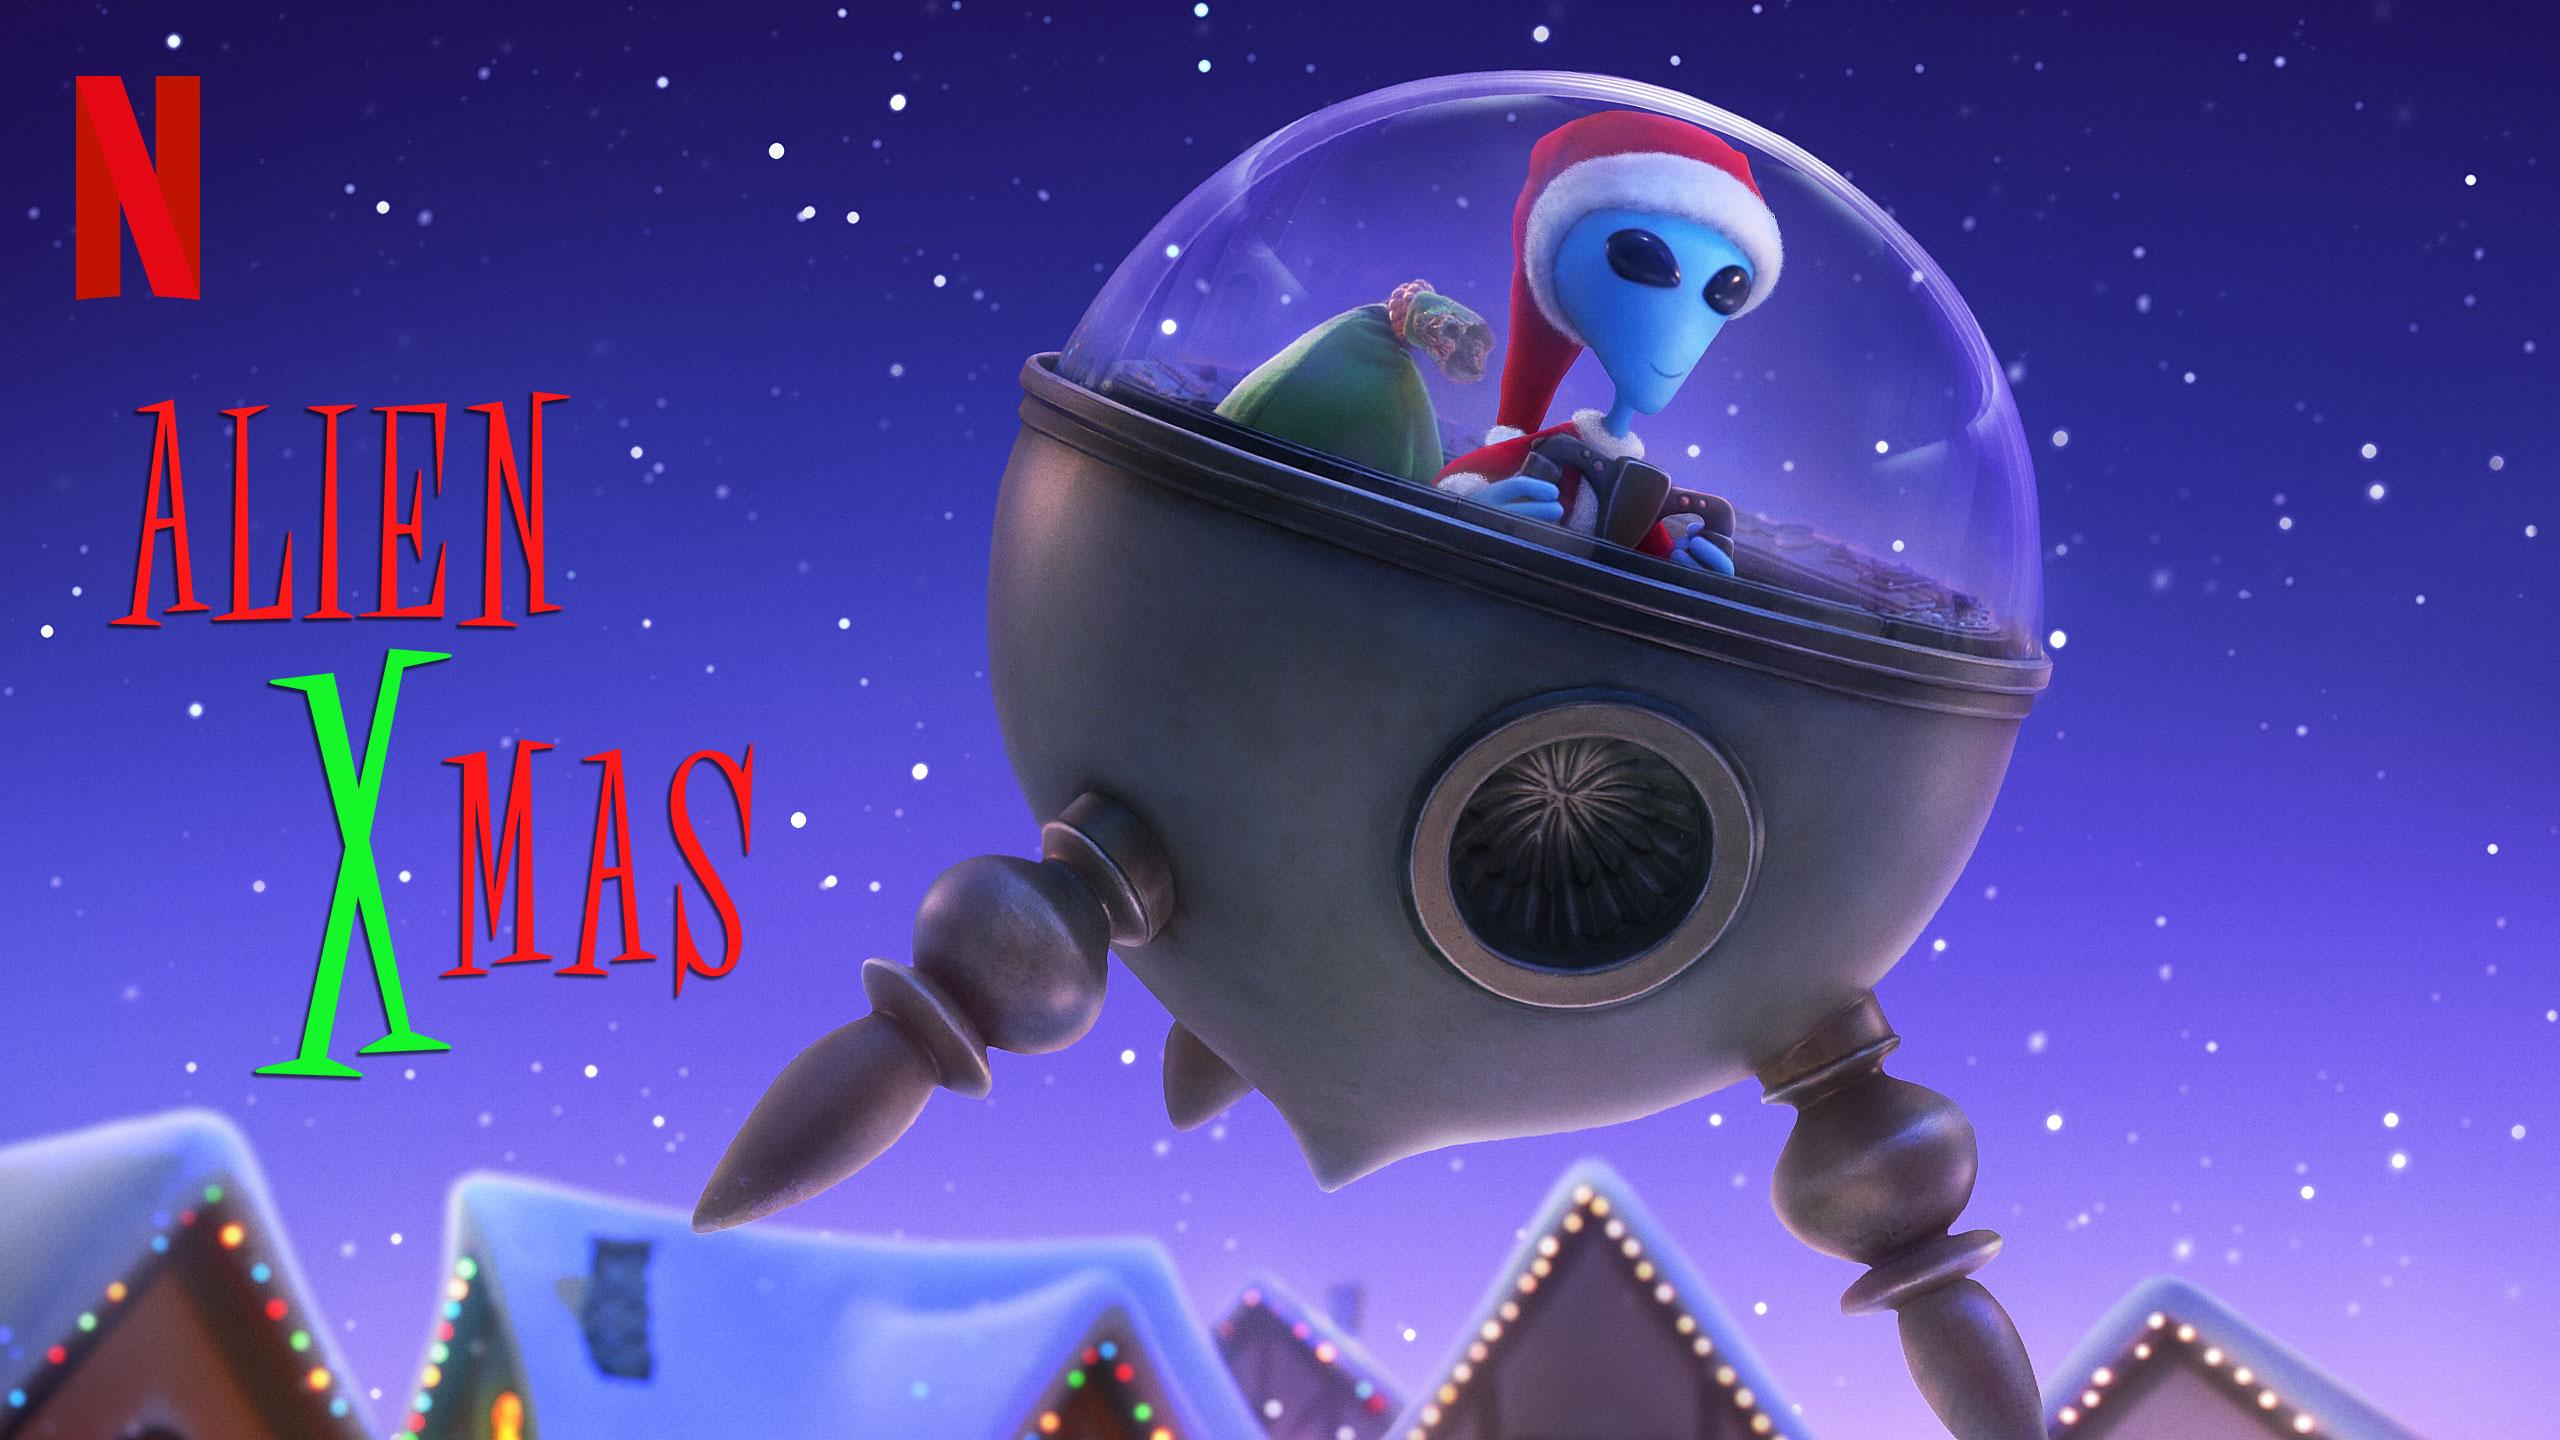 Alien XMas | Netflix DA Concept, Finishing & Illustration